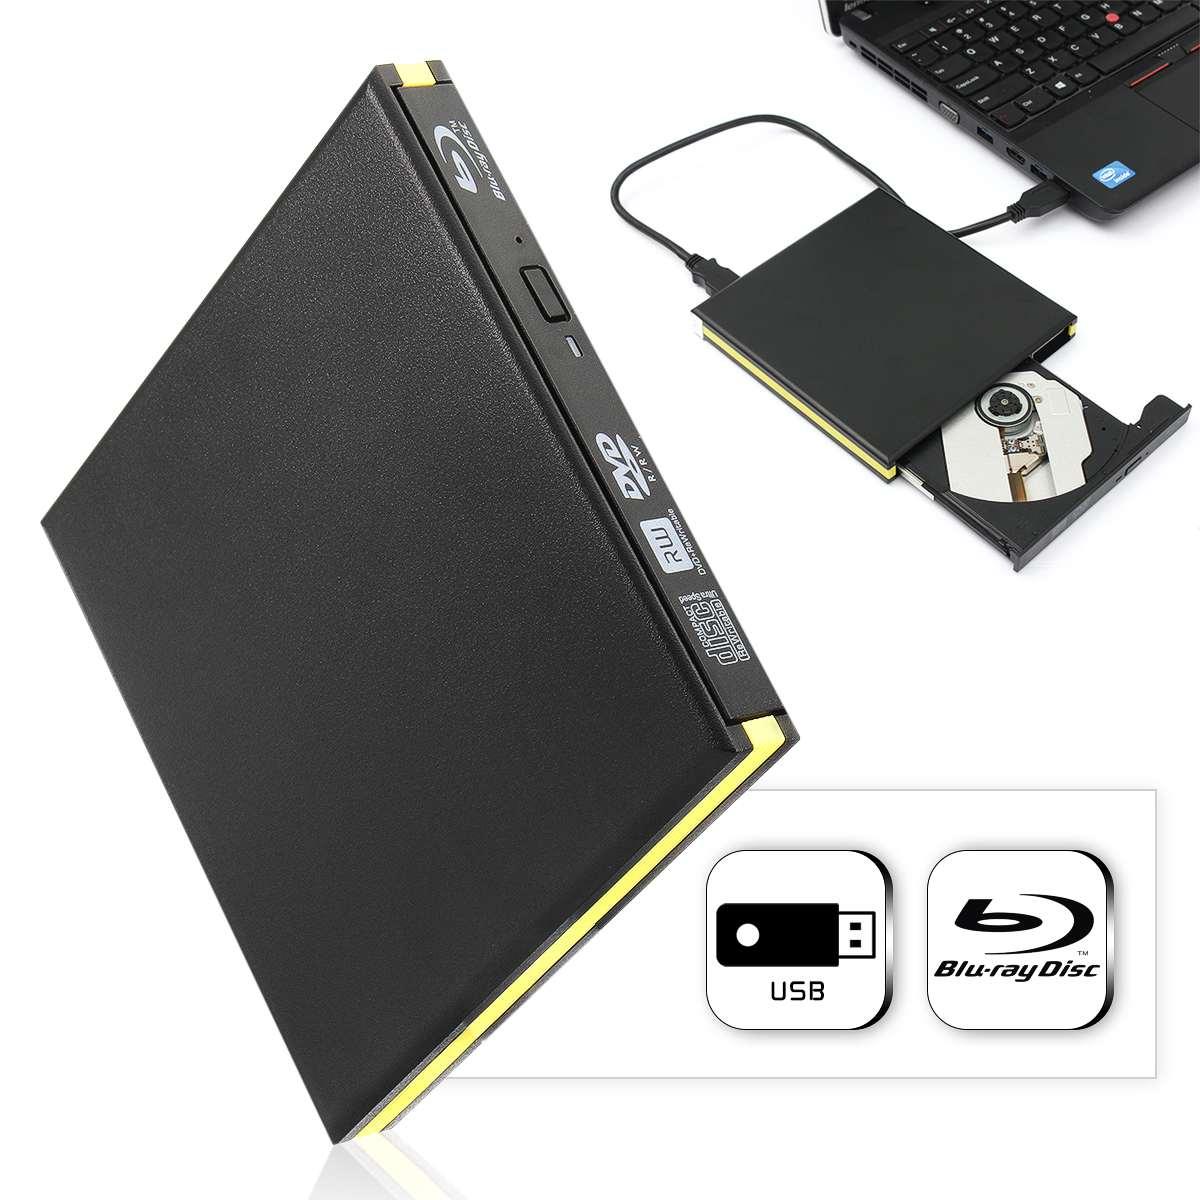 USB 3.0 Blu-ray Graveur Lecteur BD-RE Externe DVD Enregistreur Écrivain DVD +/-RW DVD-RAM 3D Lecteur pour Ordinateur Portable